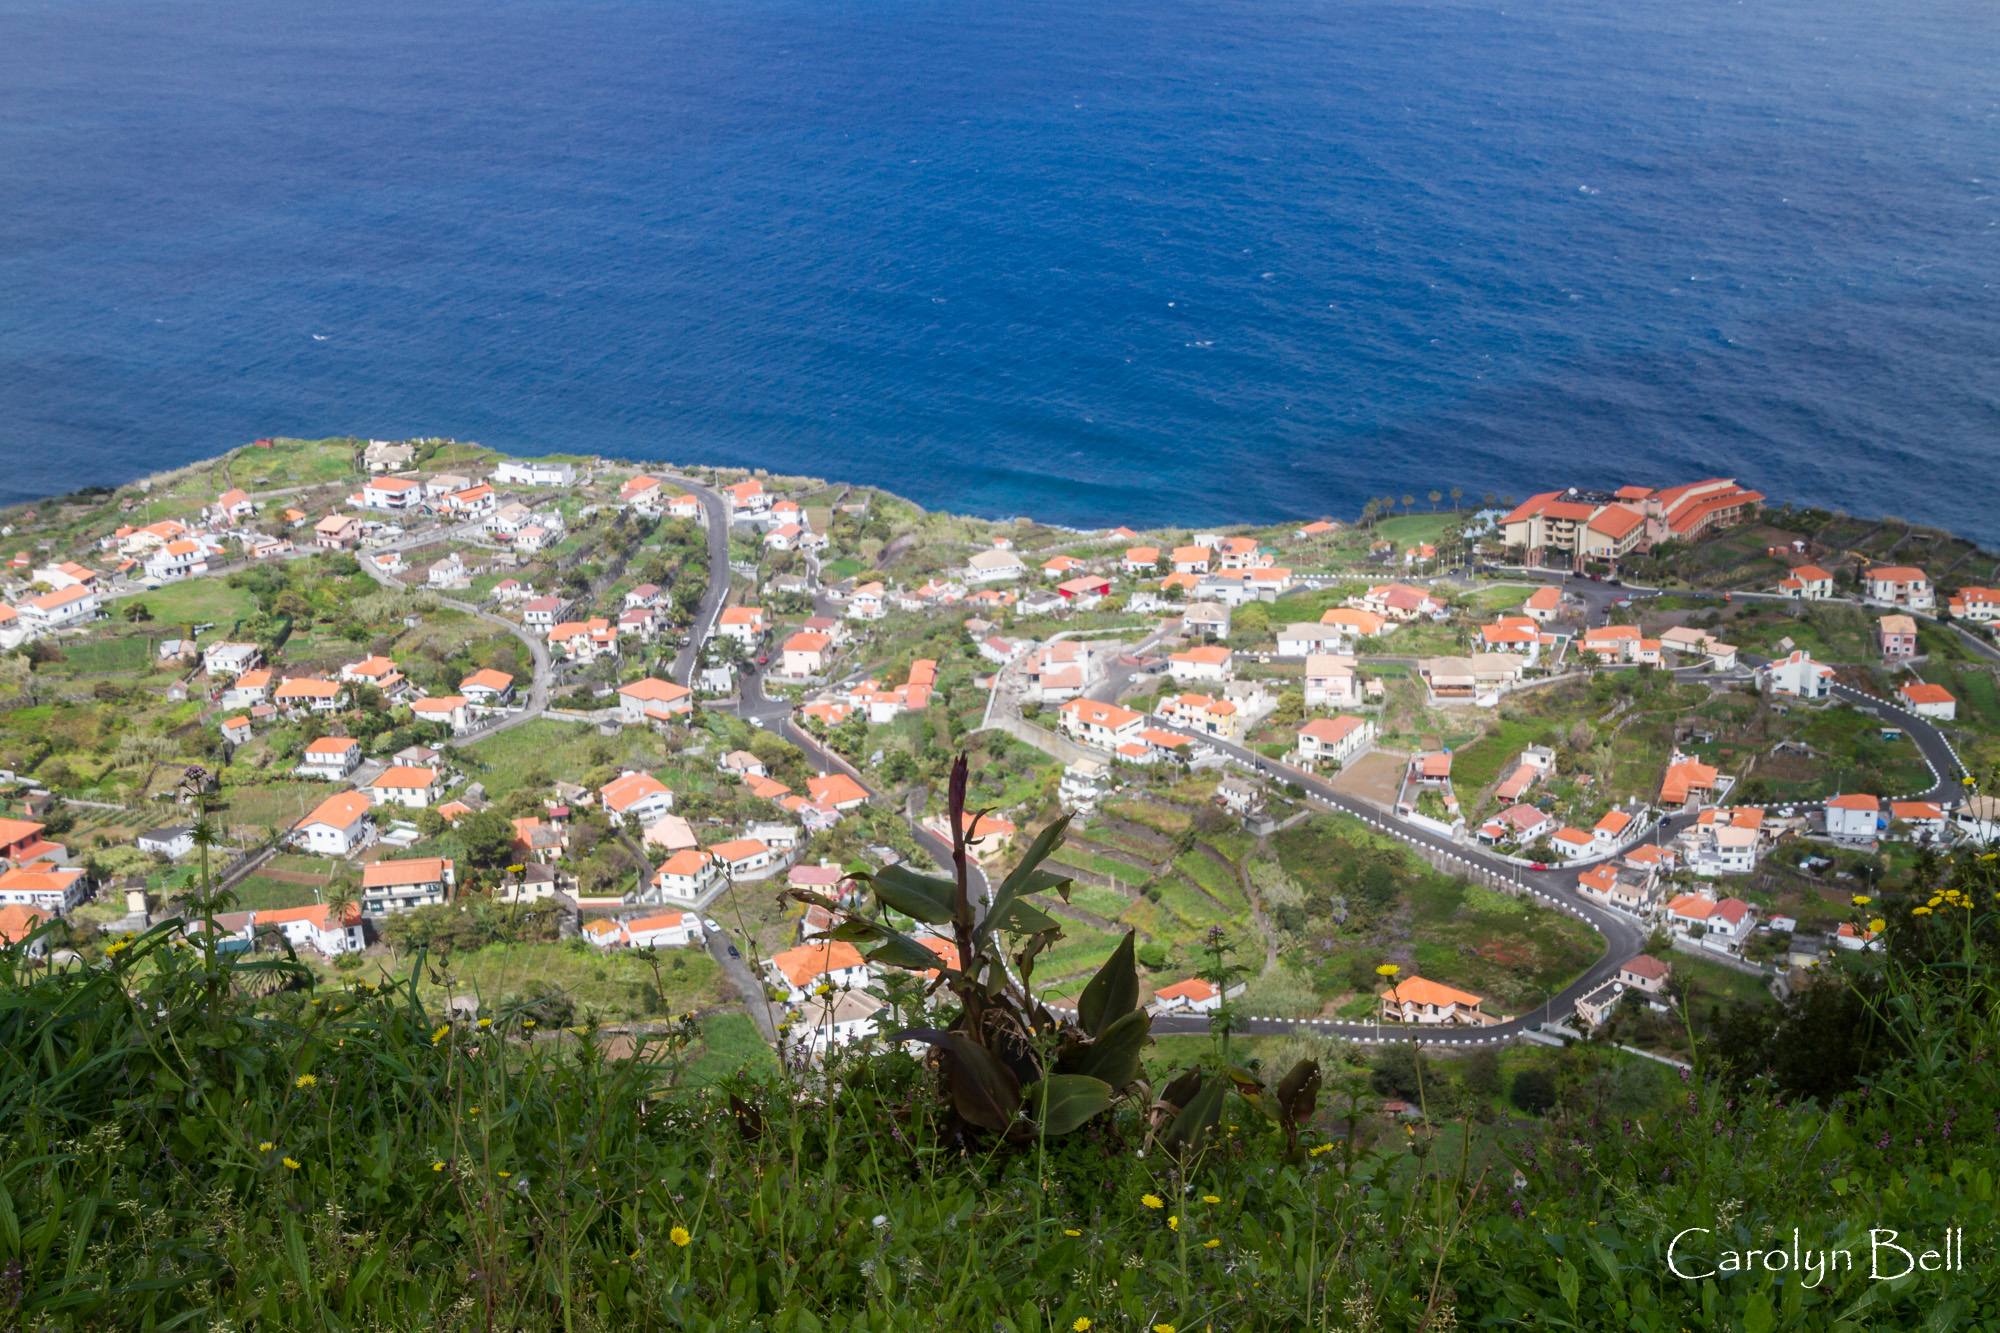 Inland viewpoint above Ponta Delgada